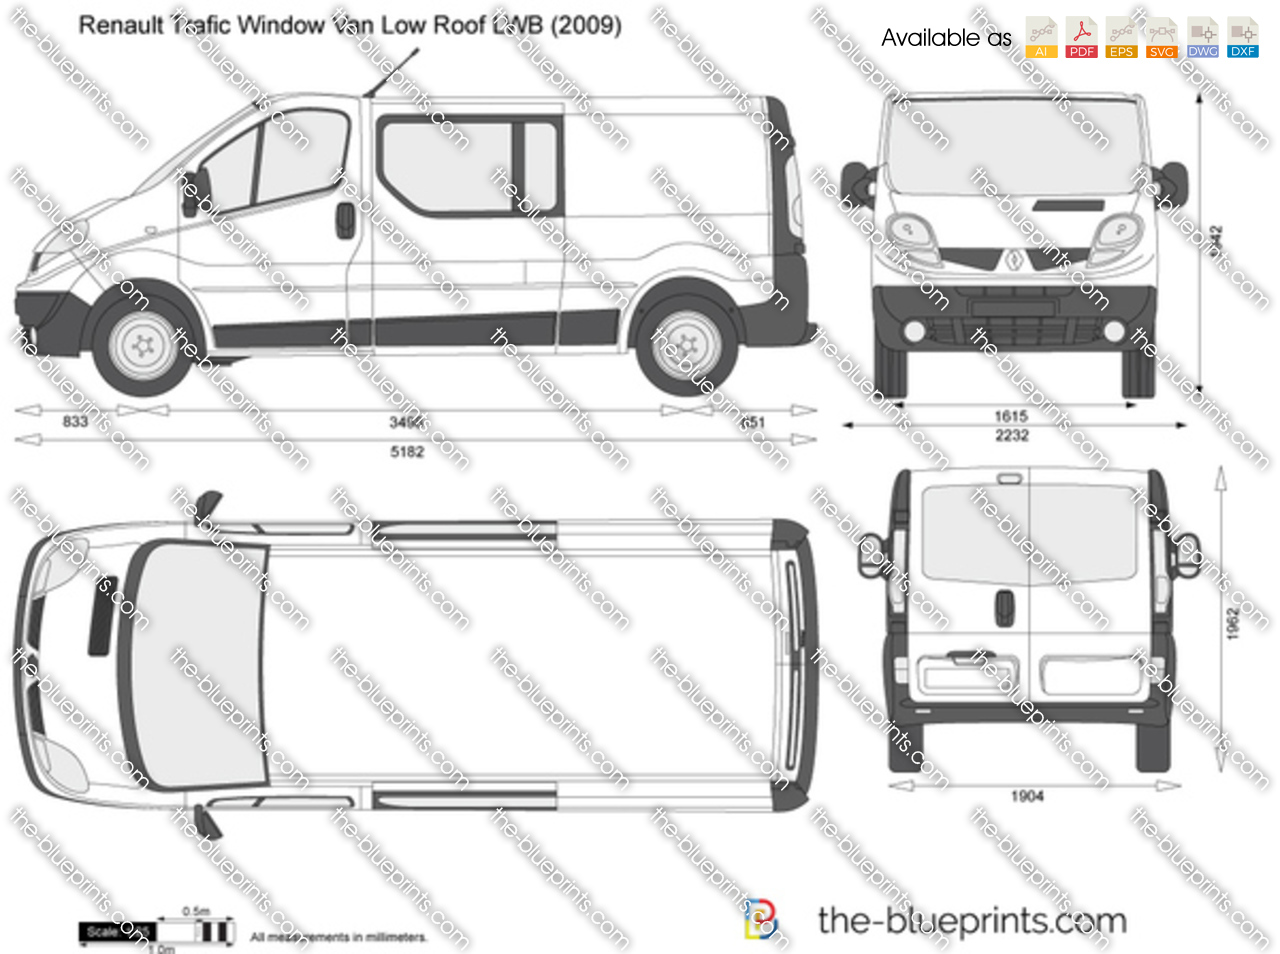 Renault Trafic Window Van Low Roof LWB 2003